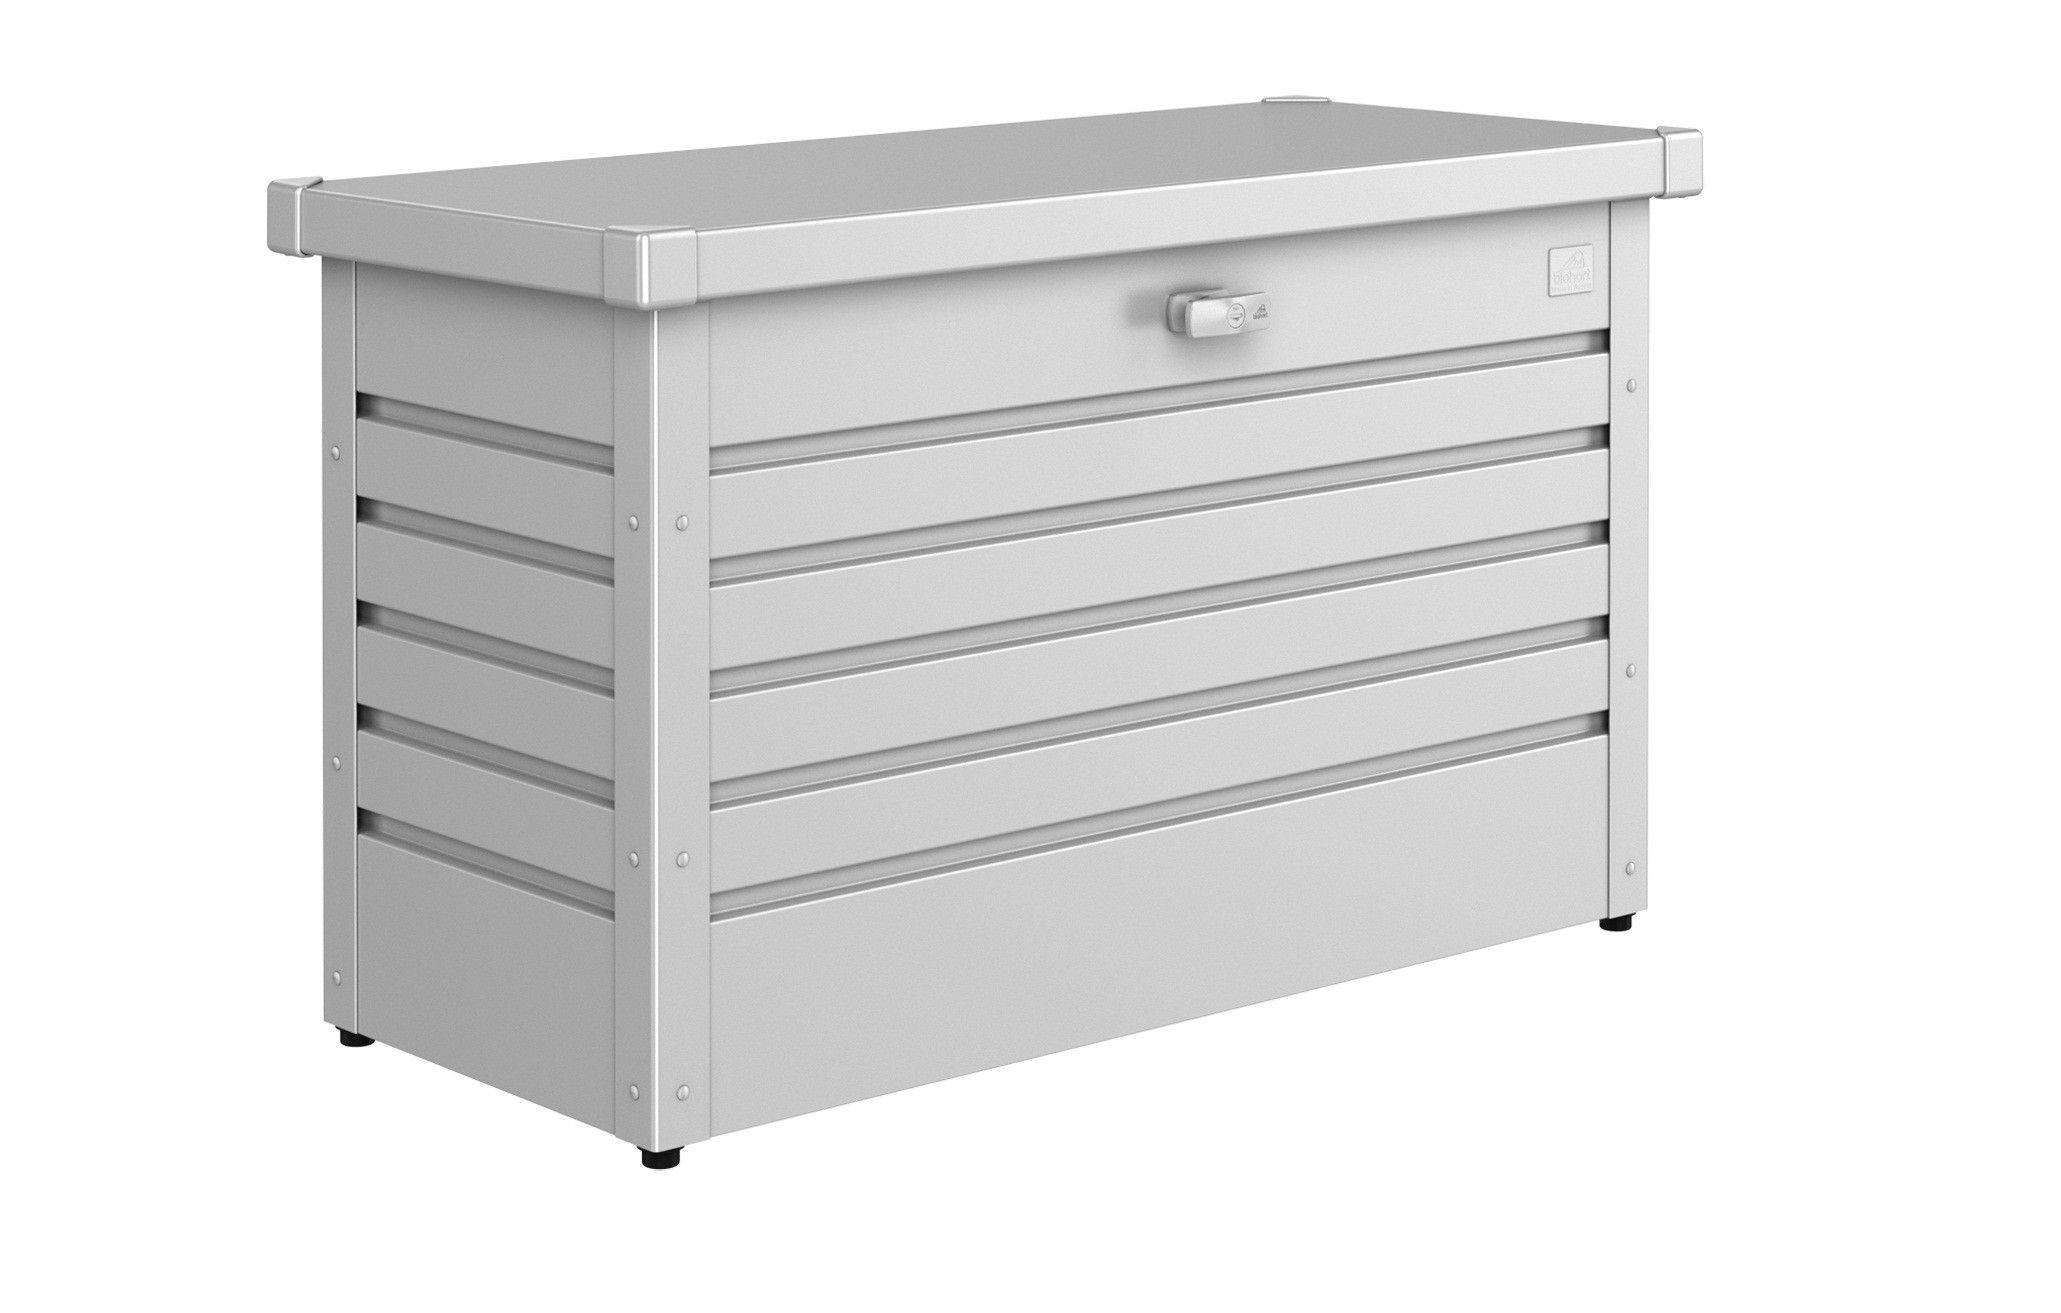 Metallic Silver Metal Shed Storage Timber